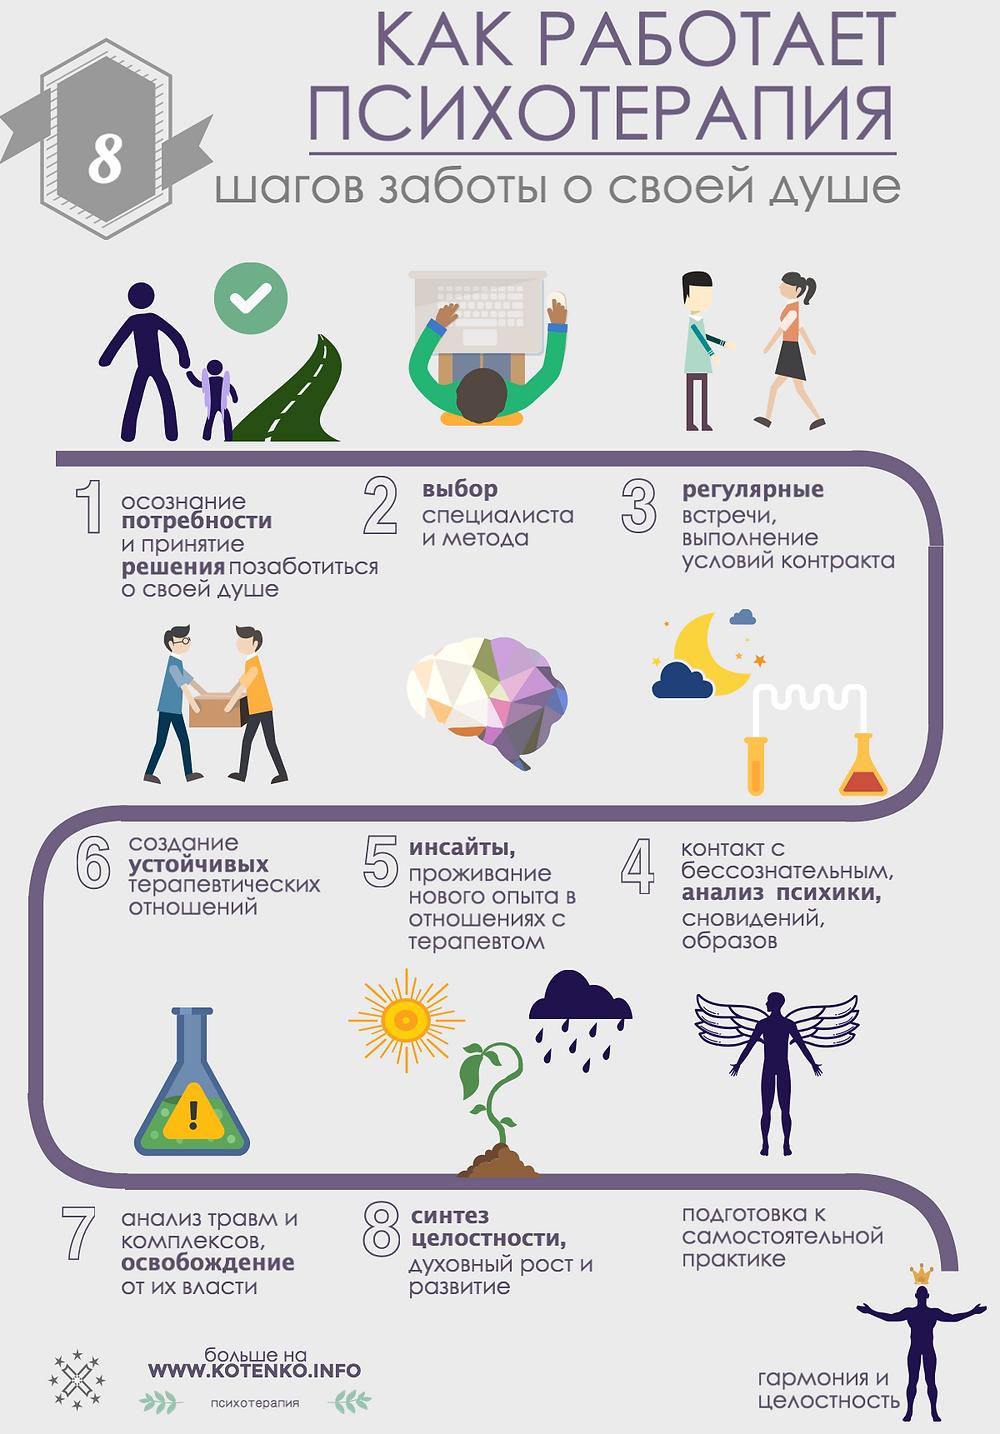 Как работает психотерапия kotenko.info